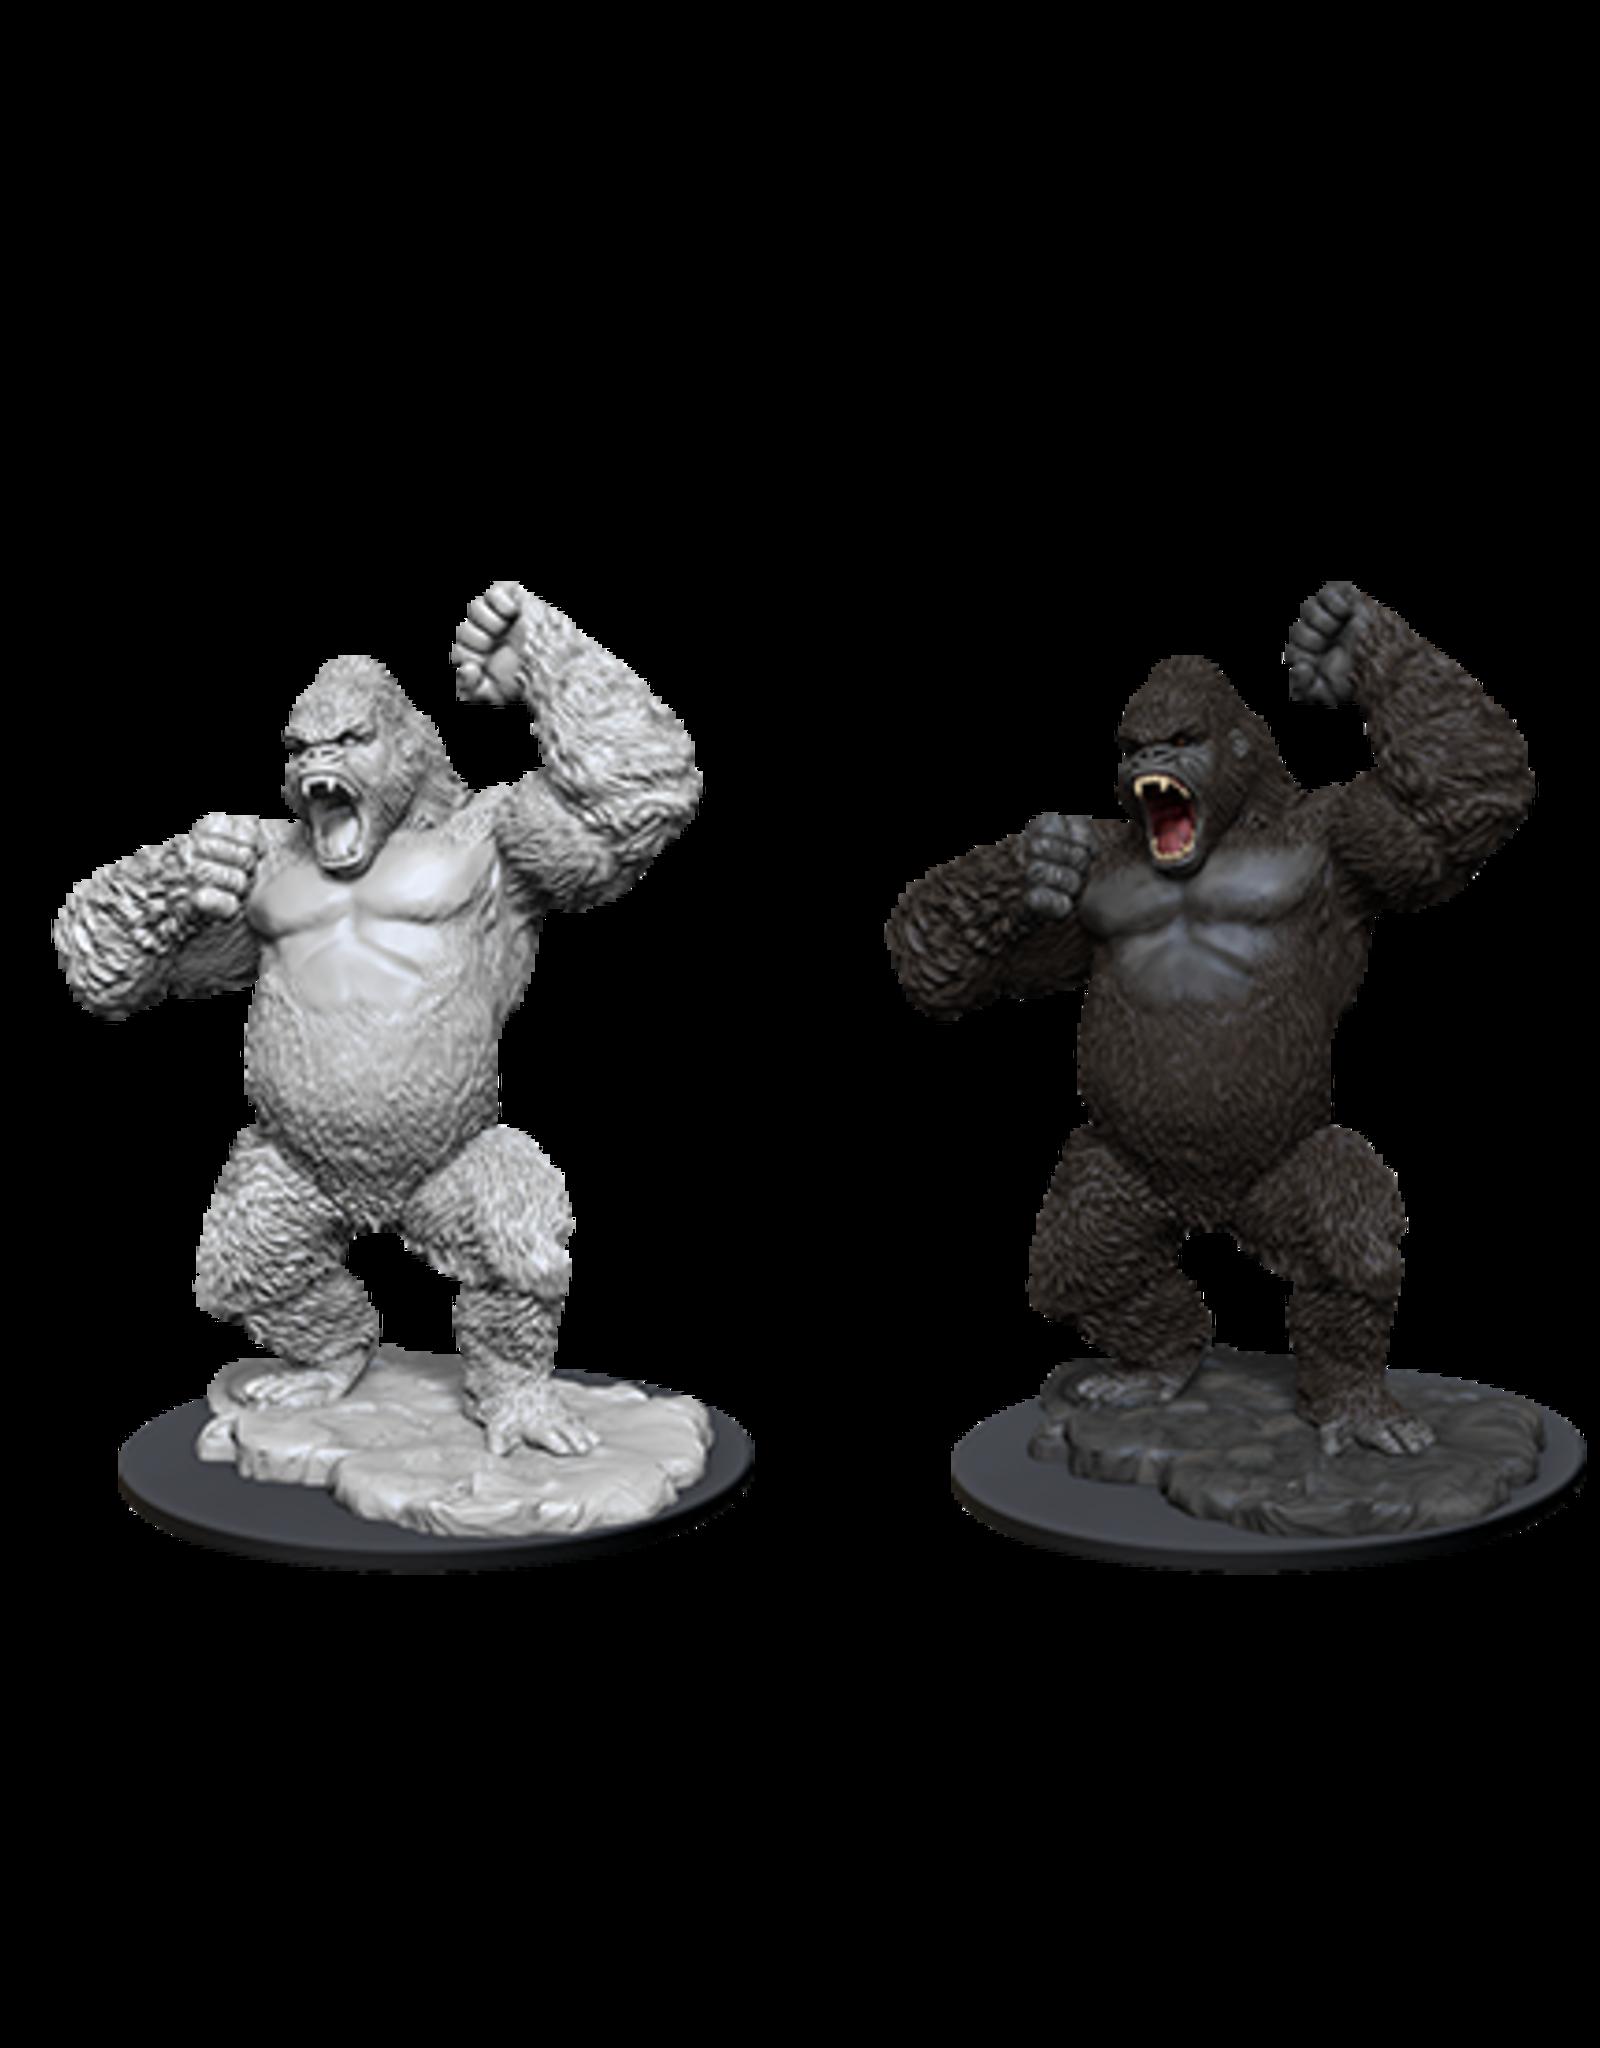 Nolzur's Marvelous Miniatures D&D D&D NMU - Giant Ape (W12)